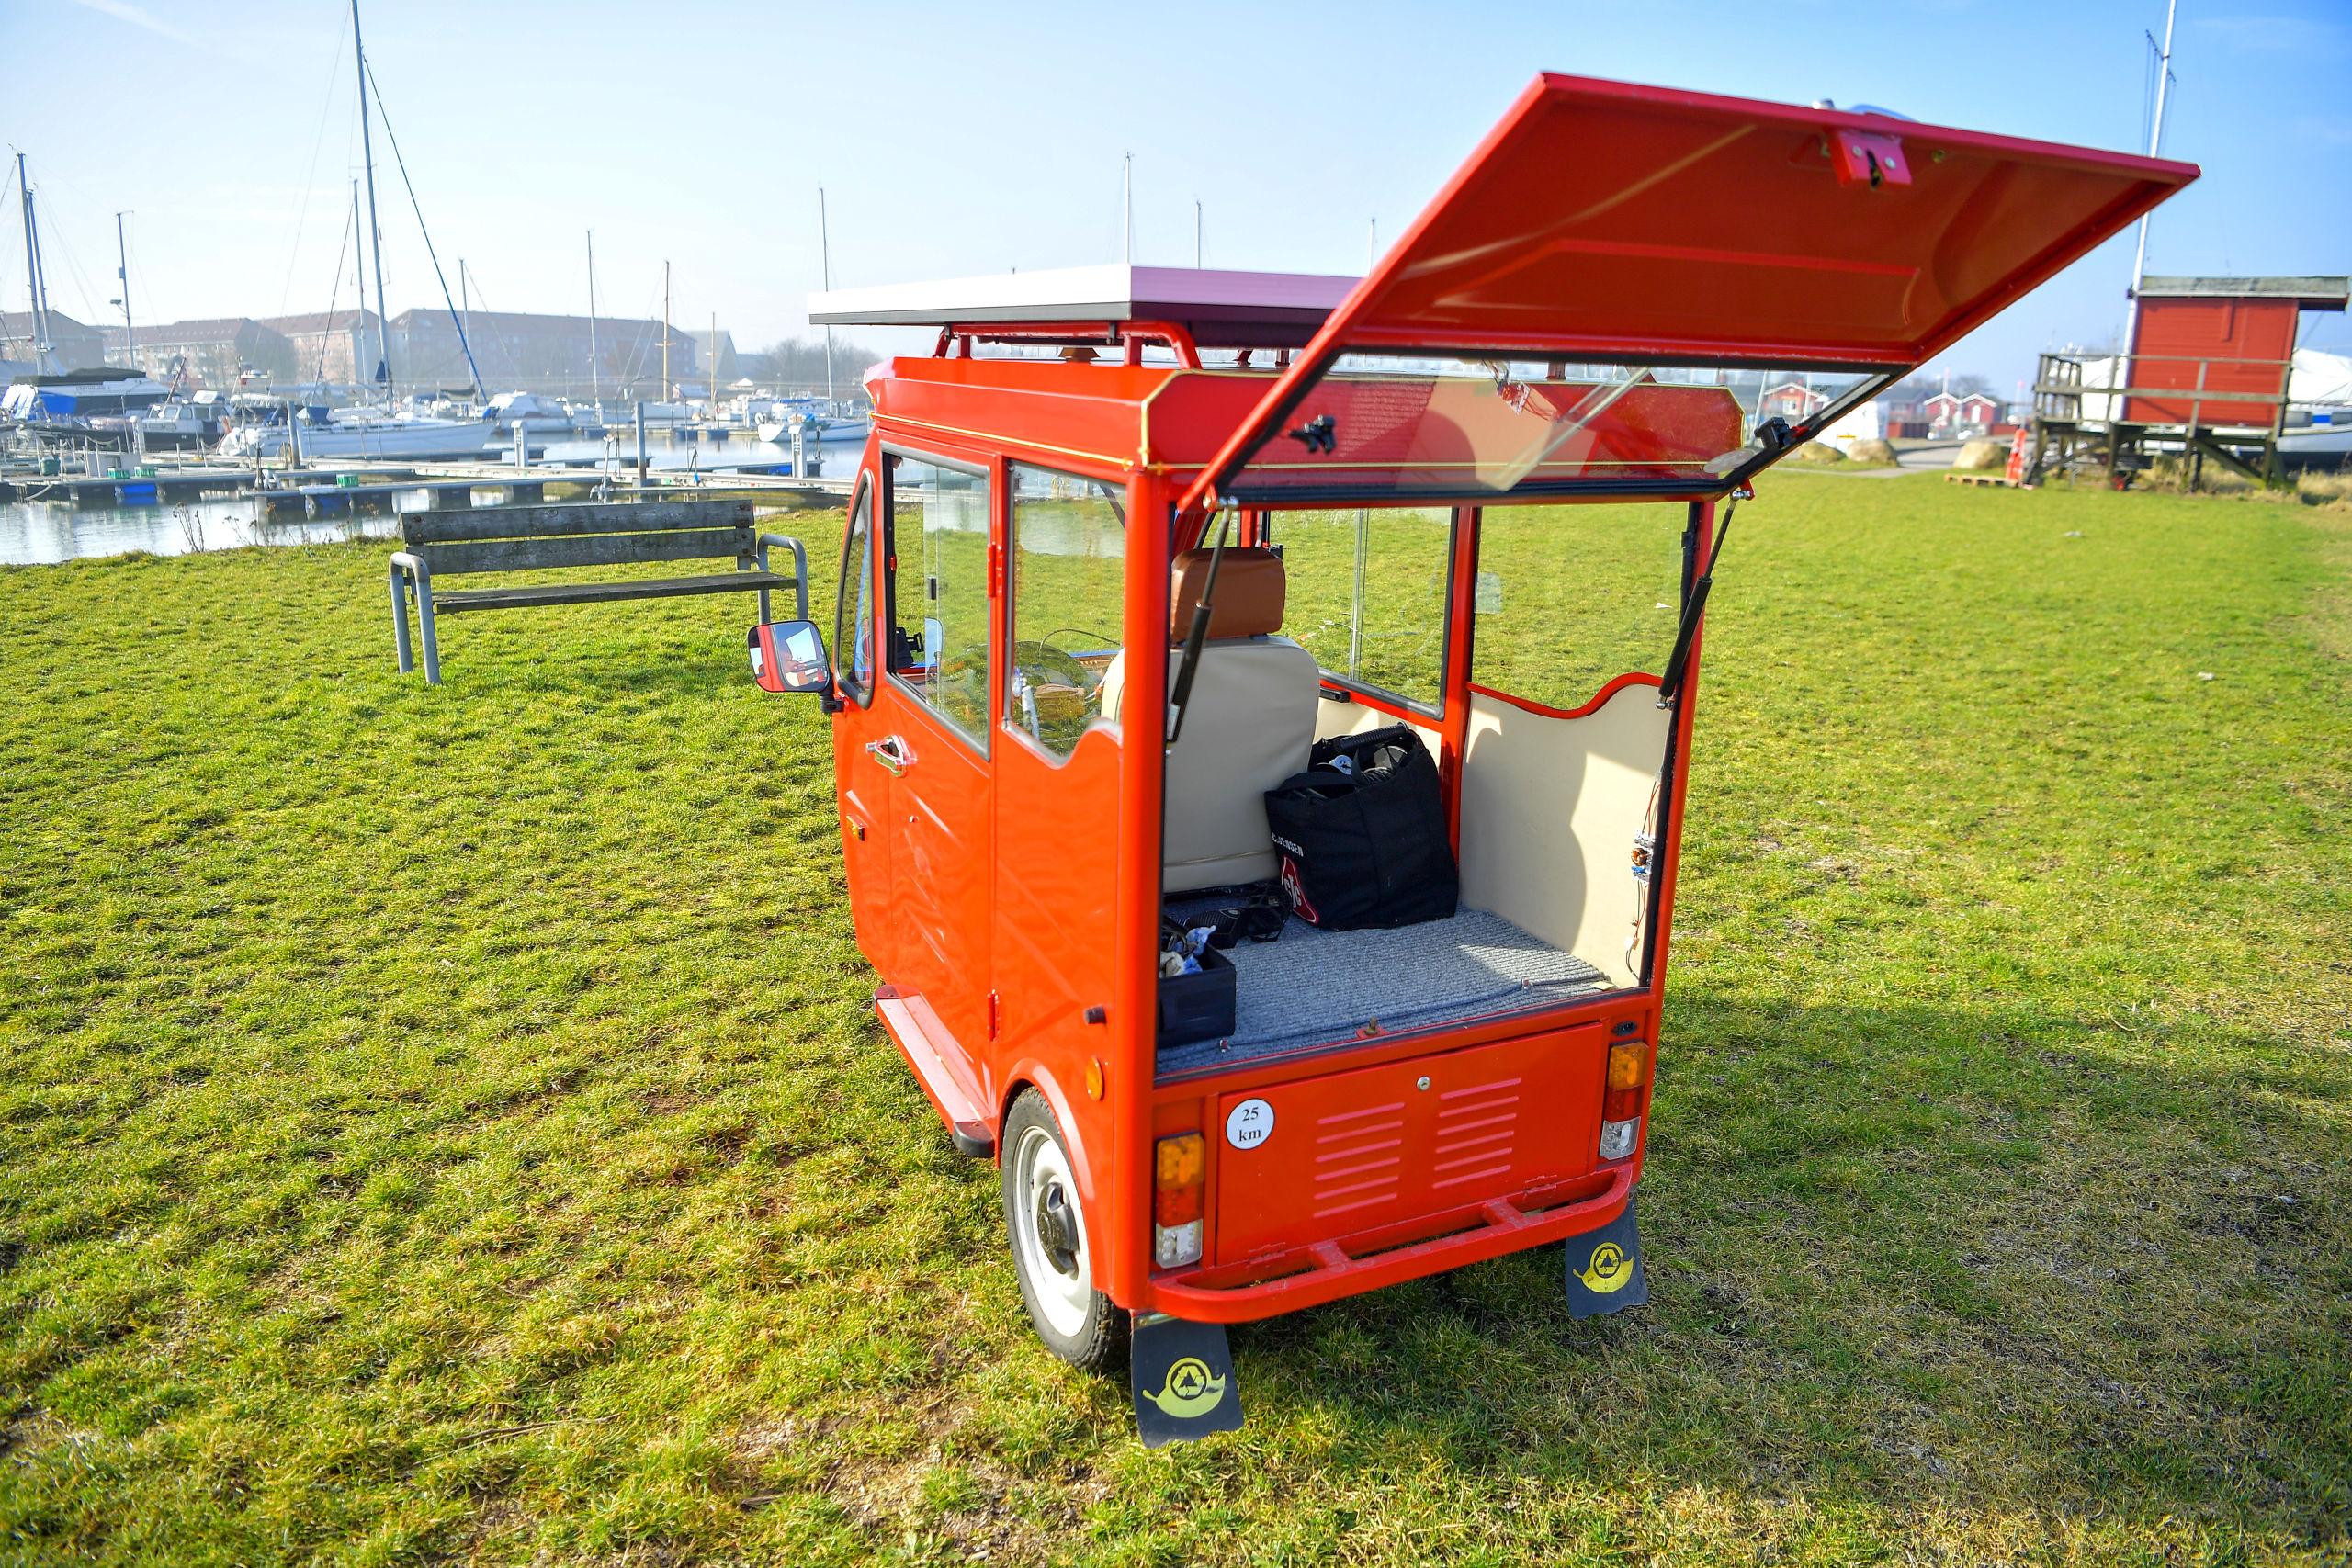 El-scooteren har plads til i alt tre personer, for udover føreren selv så kan der nemlig med lidt god vilje presses et par hobbitter ind på bagsædet. Her på fotoet kan man dog se, at bagsædet er lagt ned for at få lidt mere bagageplads til f.eks. indkøb. Foto: Jesper Thomasen